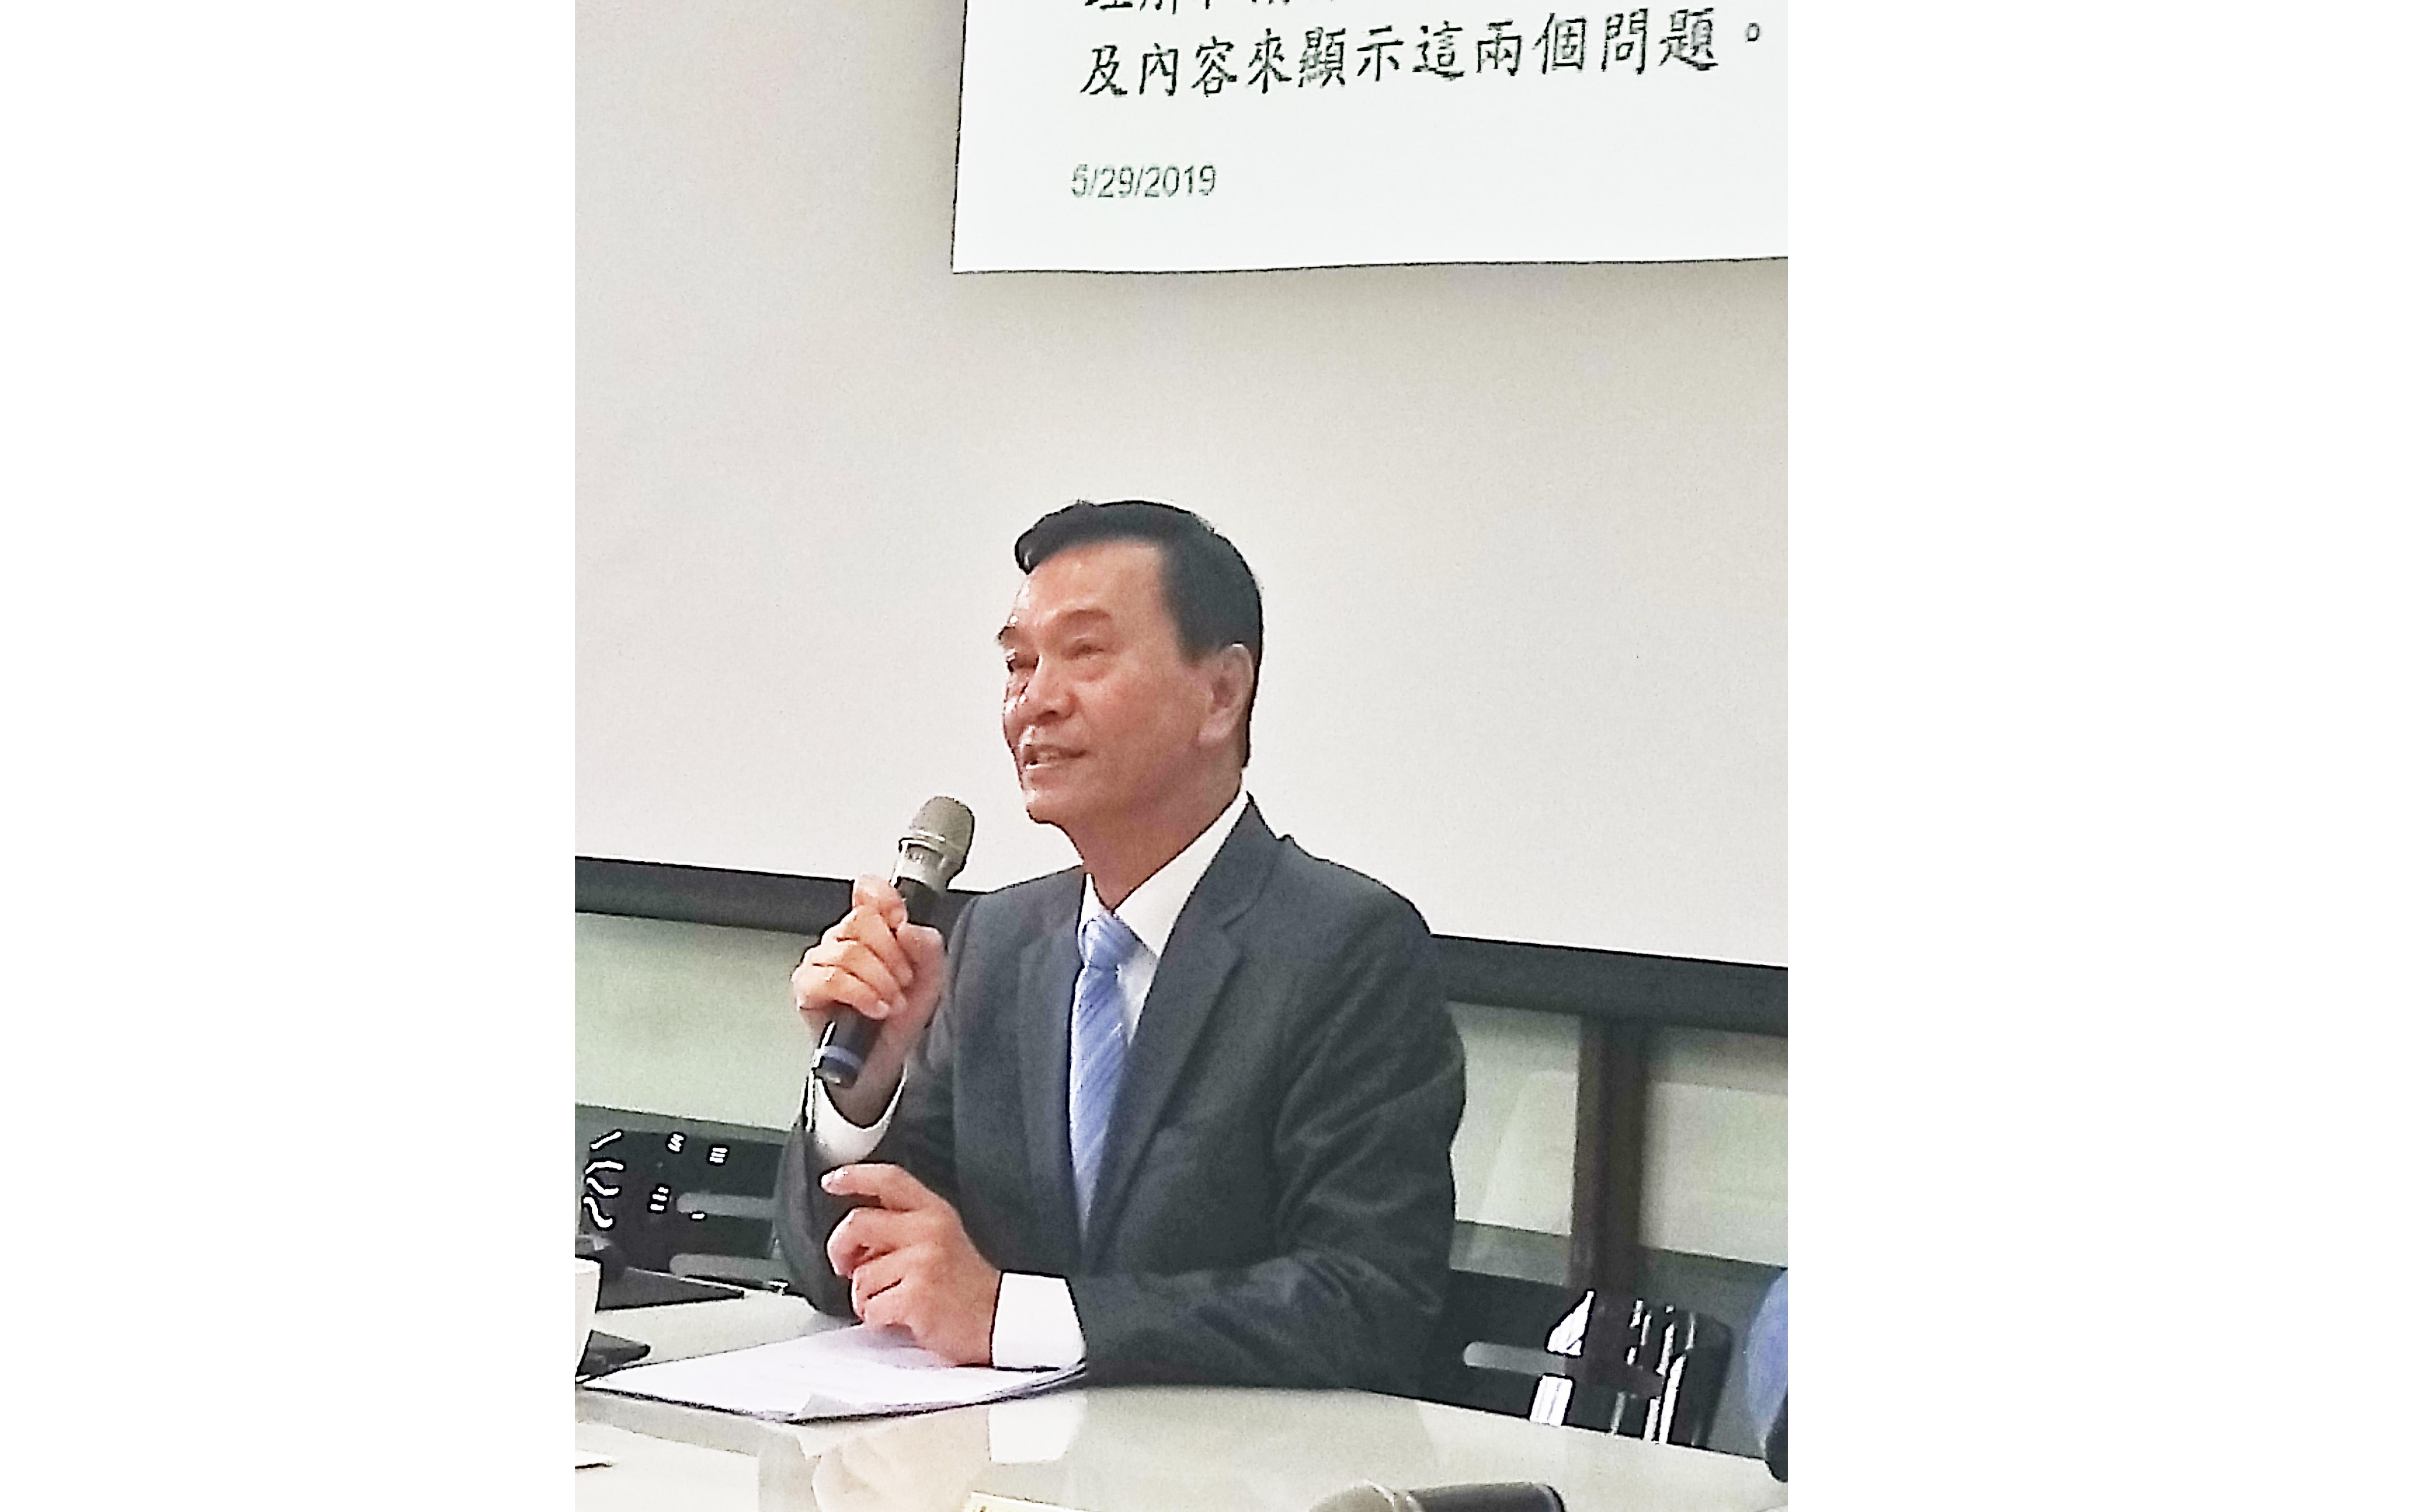 朱鴻林教授演講「《明儒學案》與明代儒學研究問題」紀要